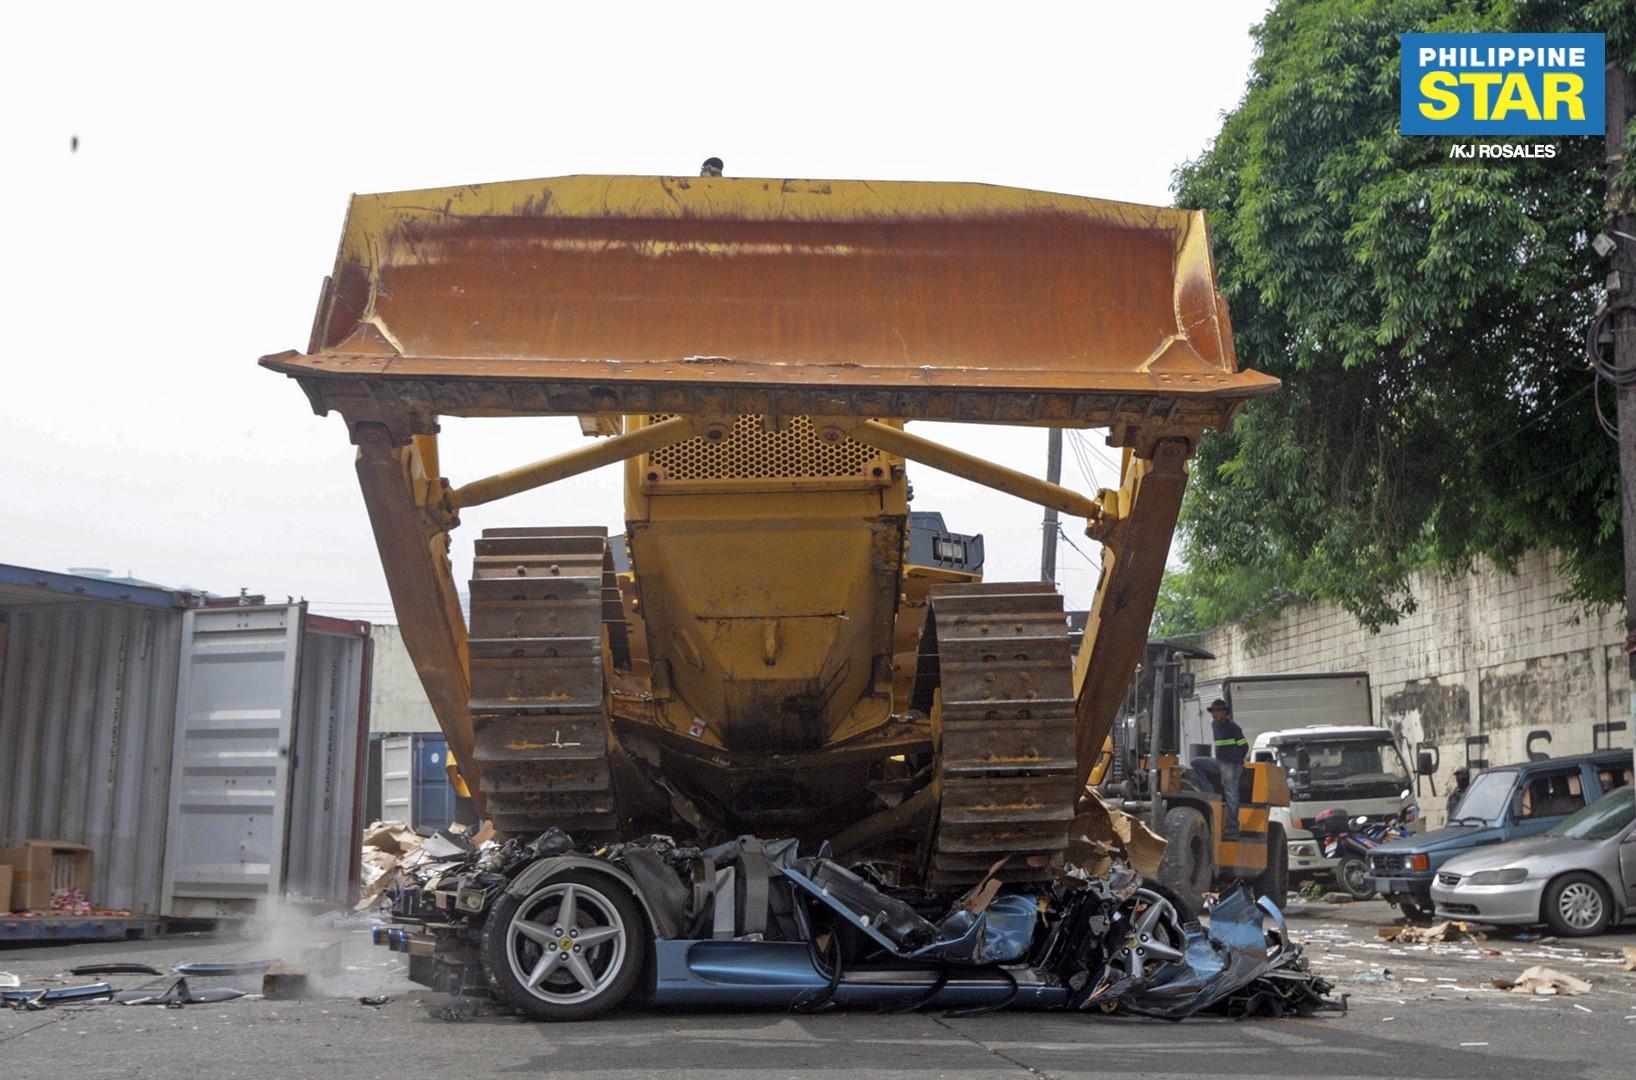 Ferrari-360-Spider-crushed-philippines-4